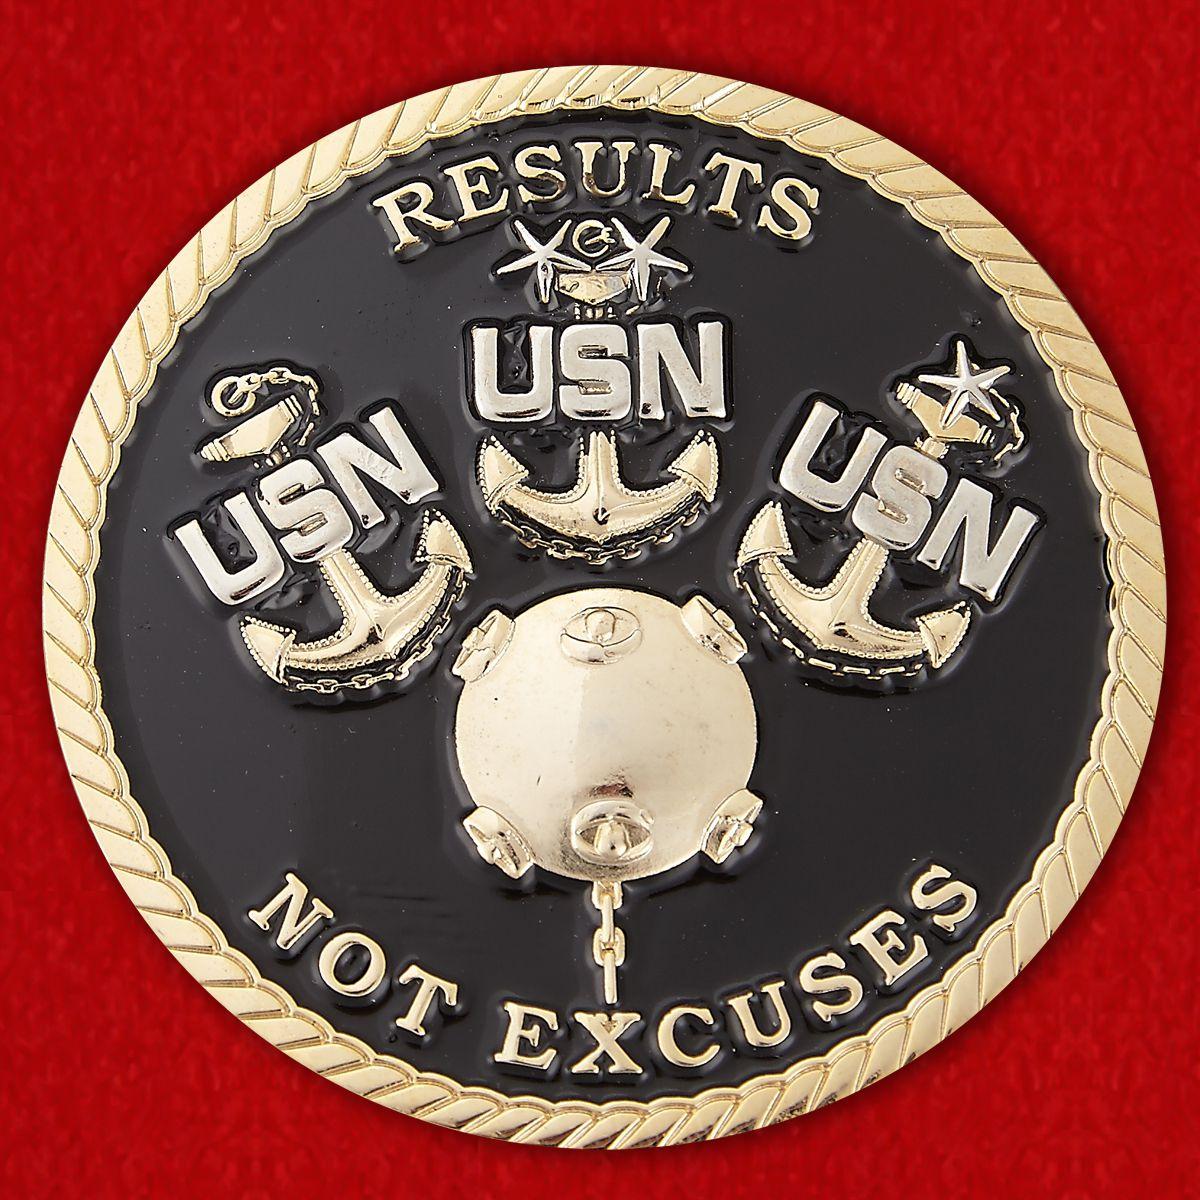 USS Dextrous (MSM-13) Сhiefs Mess Challenge Coin